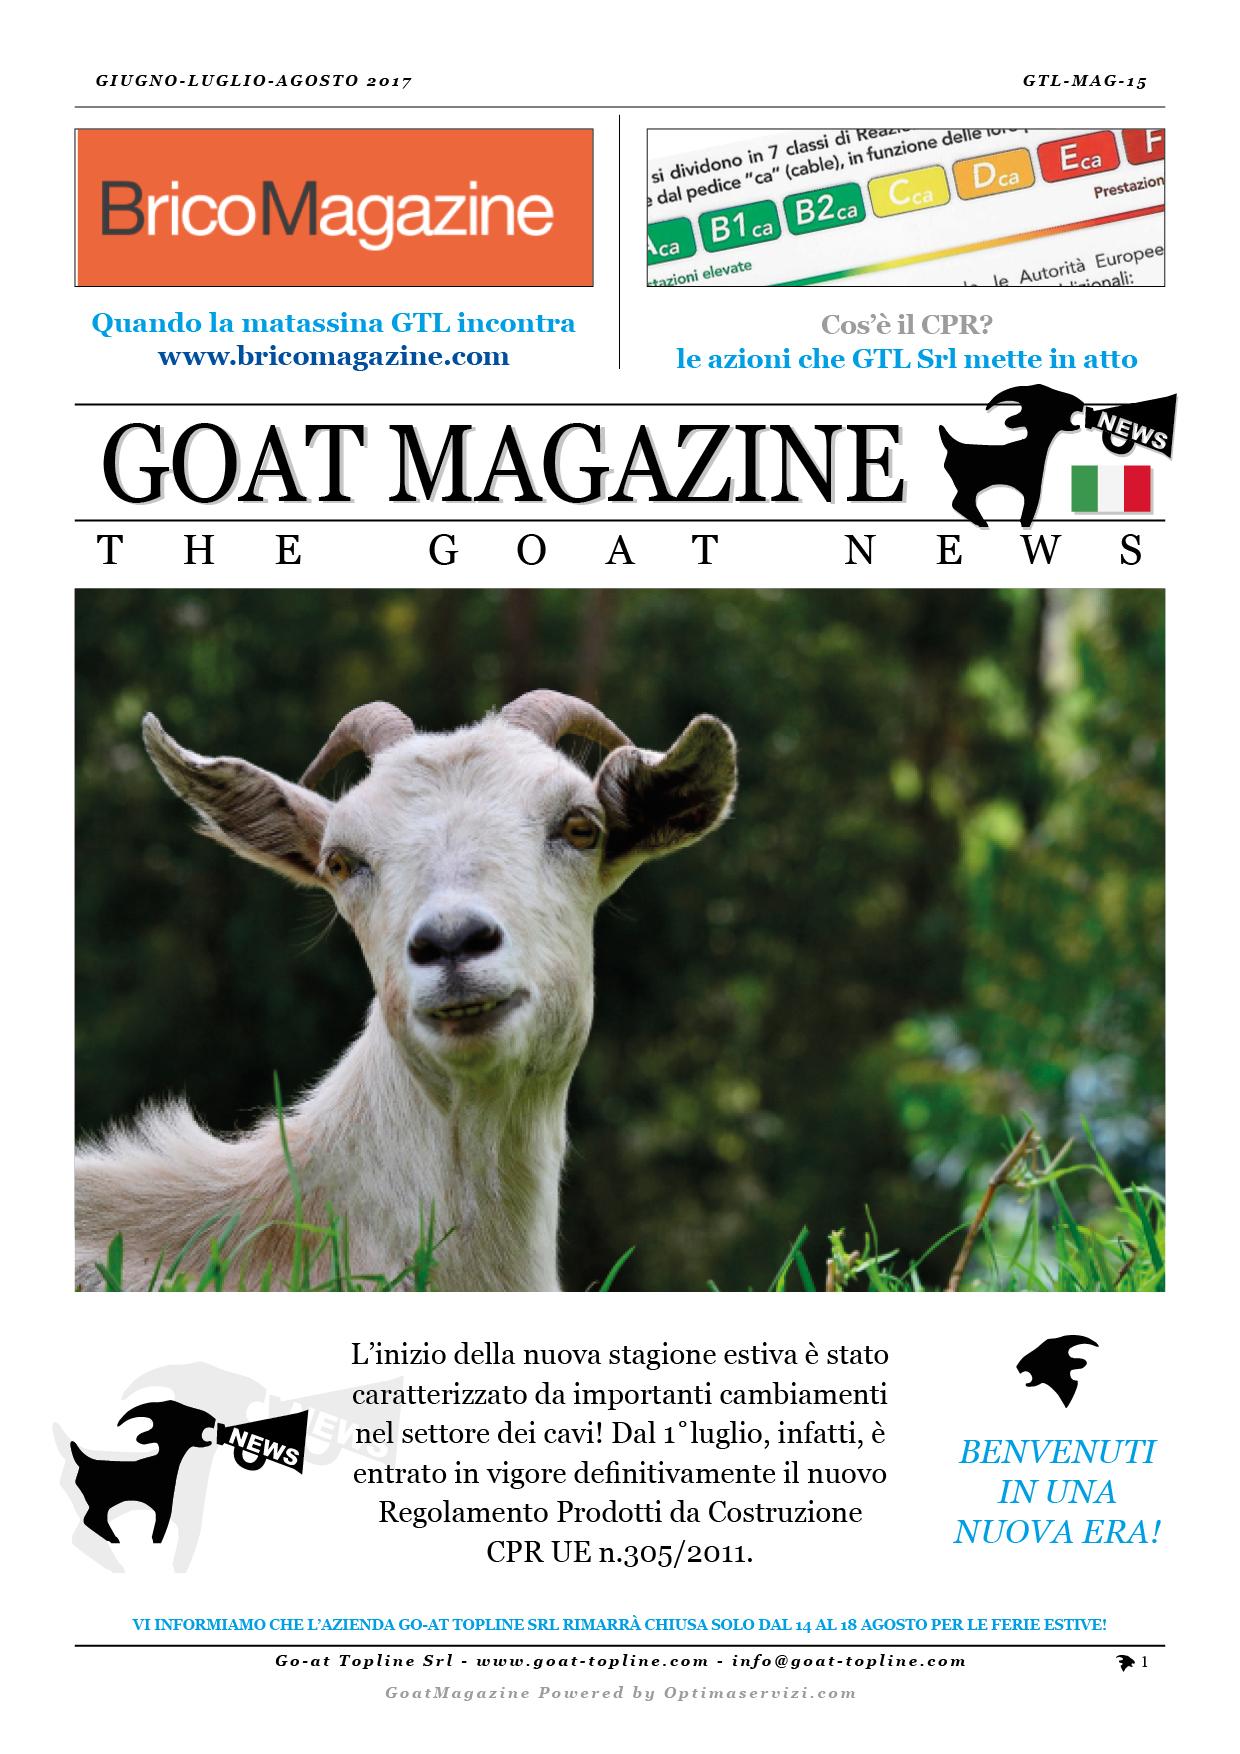 GTL-MAG16 -PUBBLICO- Giugno-Luglio-Agosto 2017 - ITA